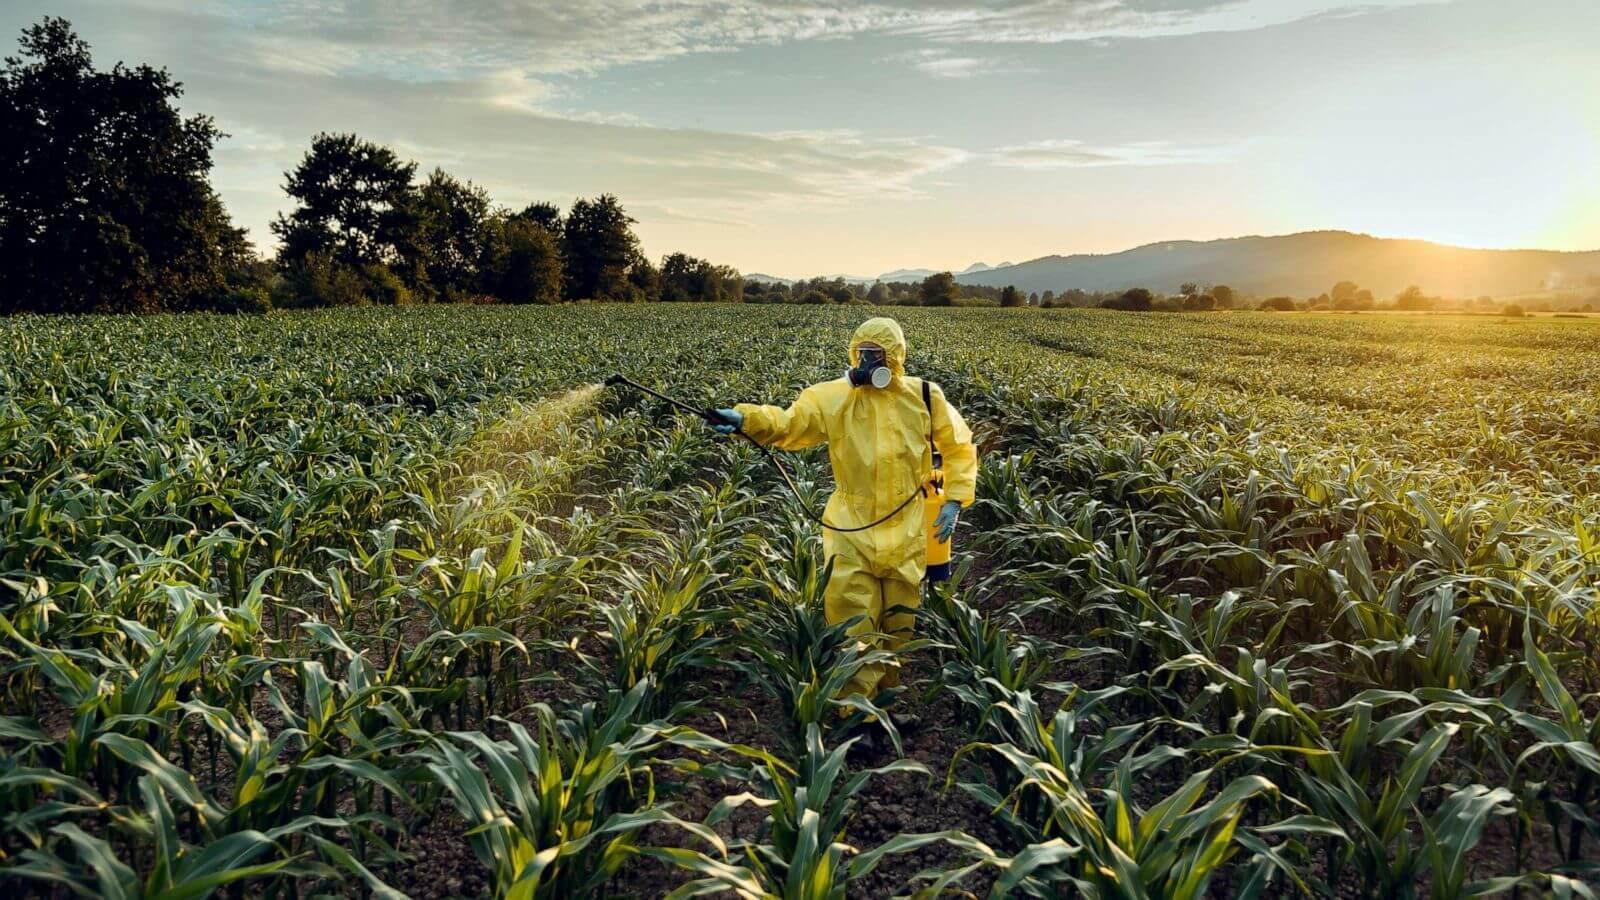 Tarımda akarlara karşı kullanılan bir pestisit olan akarisitler, genellikle kırmızı örümcekler ve kene ile mücadelede kullanılmaktadır.